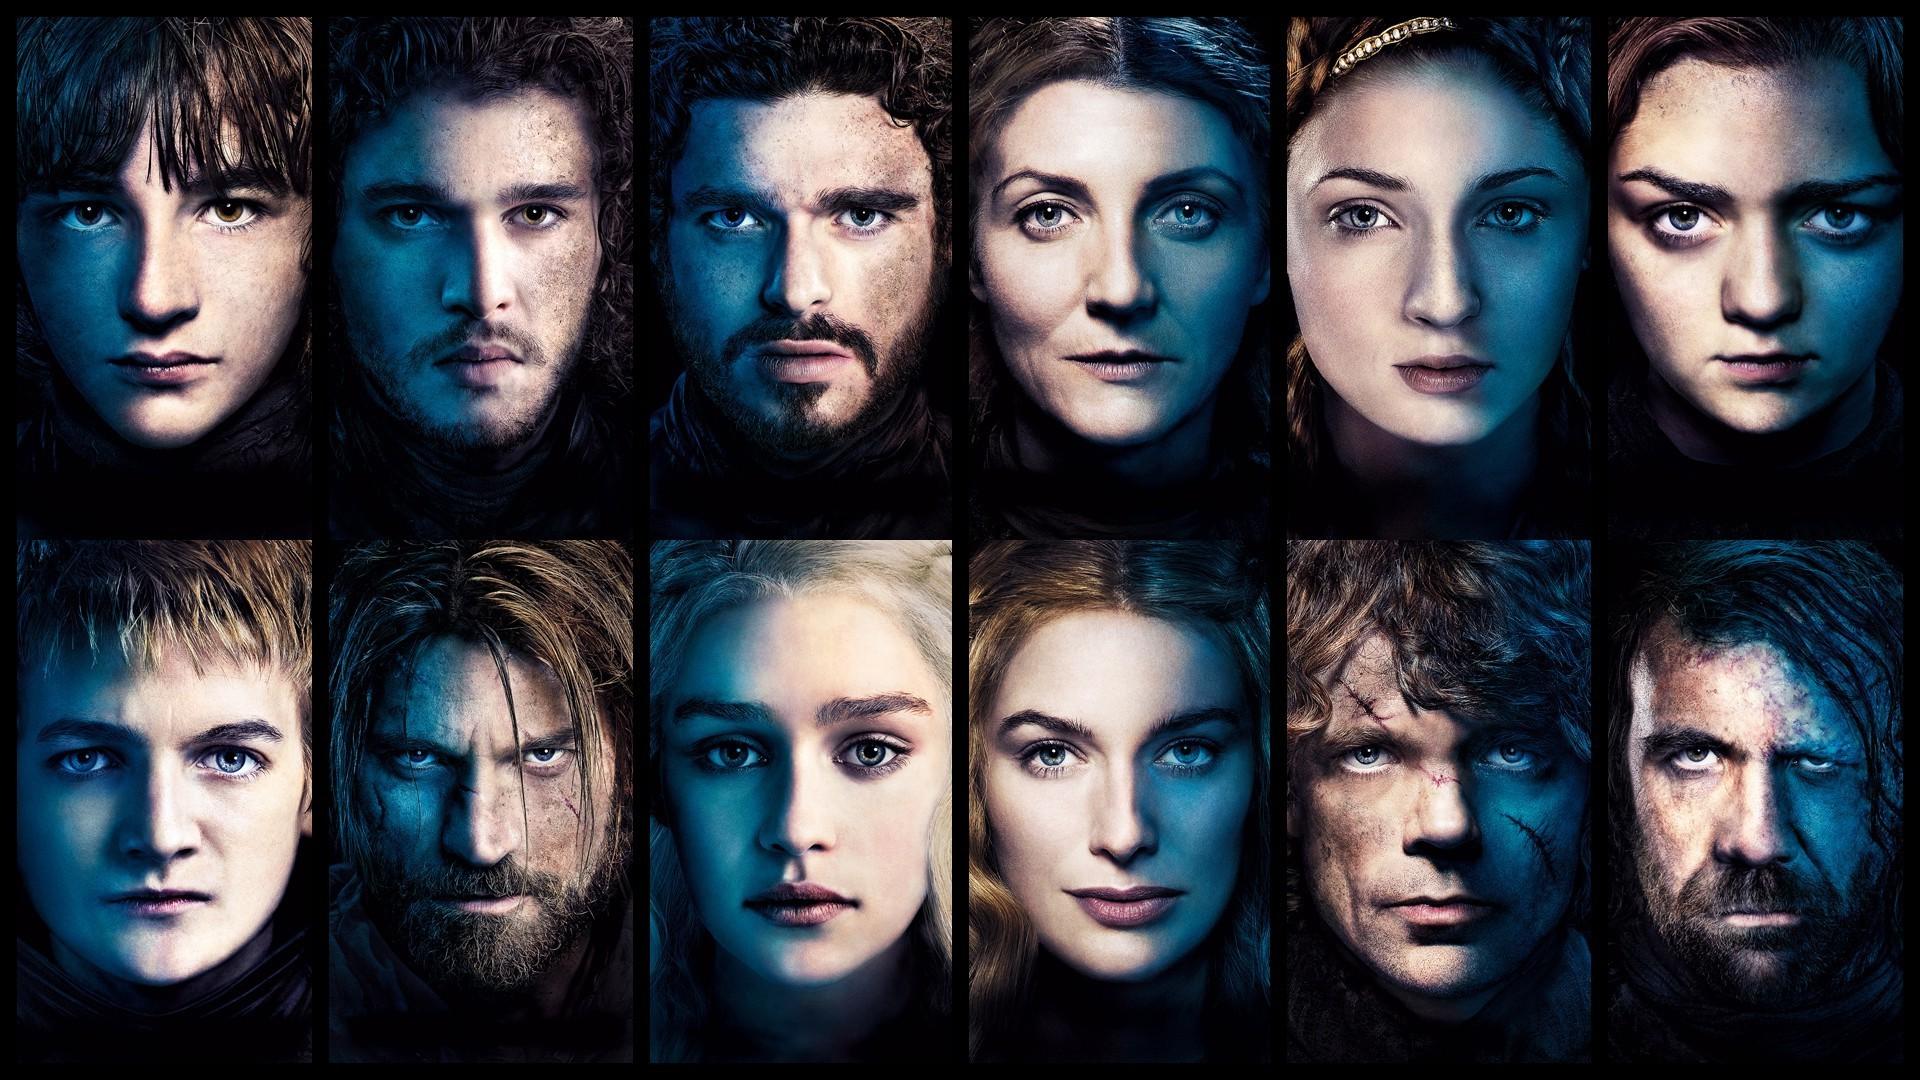 Anime, Game Of Thrones, Brandon Stark, Cersei Lannister, - Daenerys Targaryen Jaime Lannister , HD Wallpaper & Backgrounds